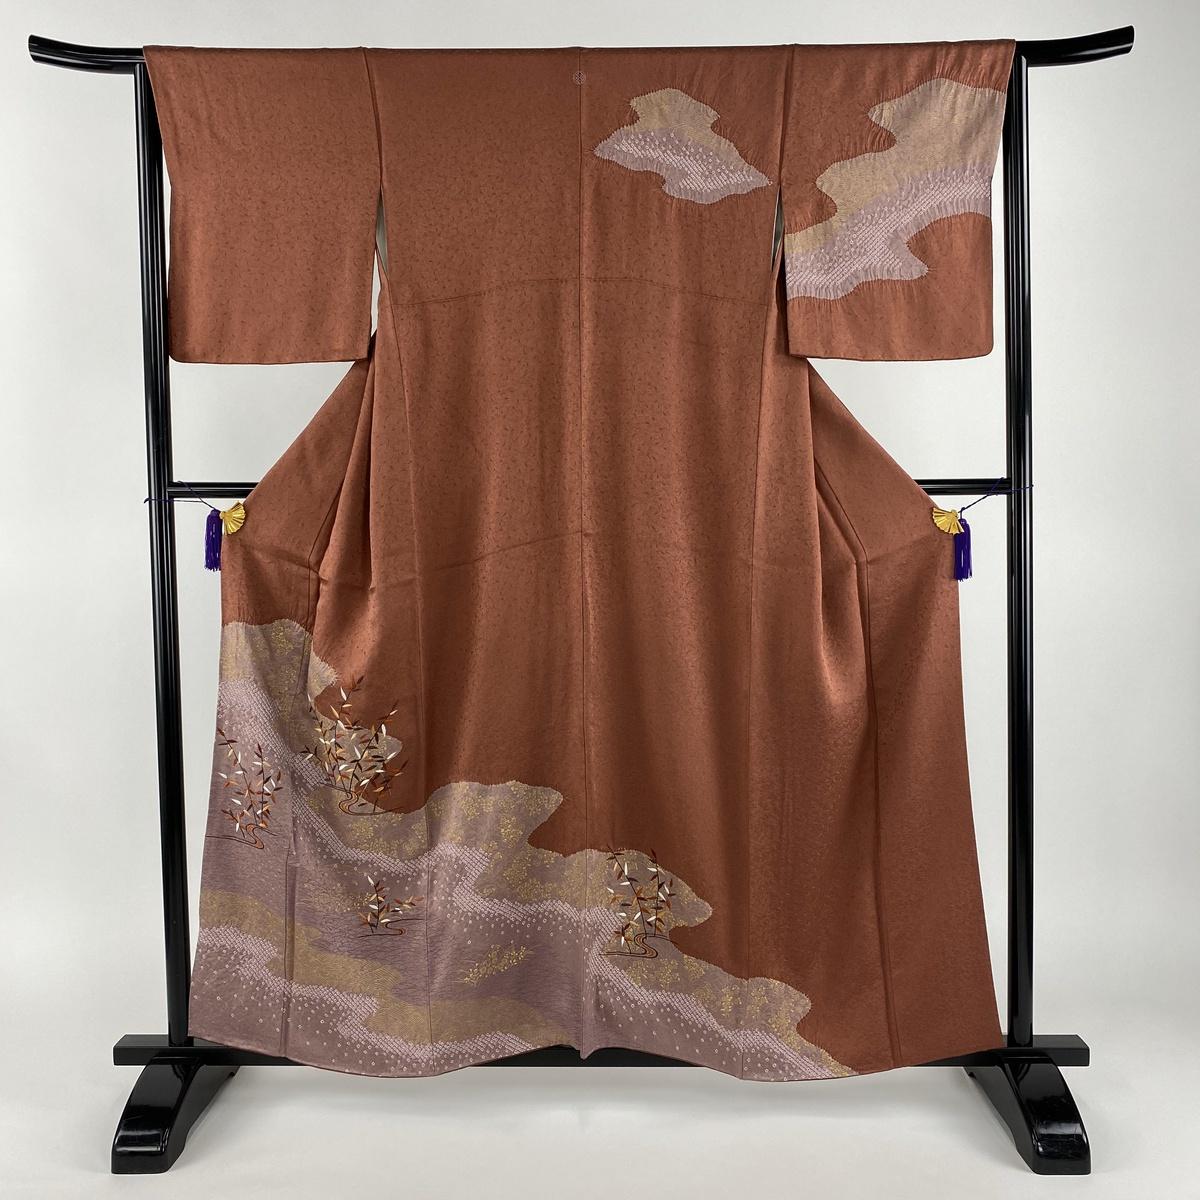 訪問着 美品 秀品 一つ紋 葉柄 波 部分刺繍 部分絞り 茜色 袷 身丈156.5cm 裄丈66cm M 正絹 【中古】